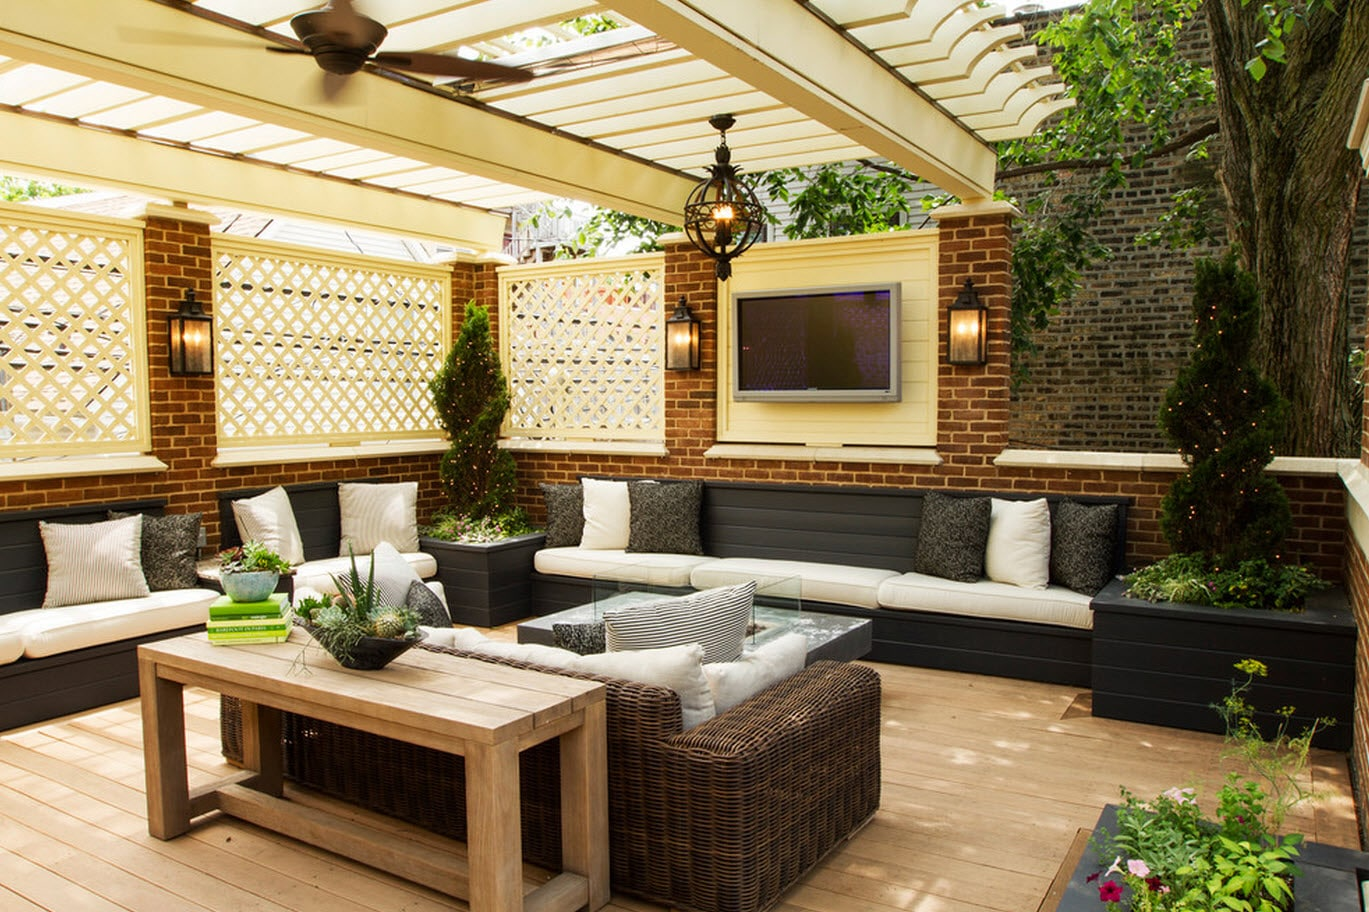 10 ideas para dise ar terraza para relax - Cubiertas de terrazas ...